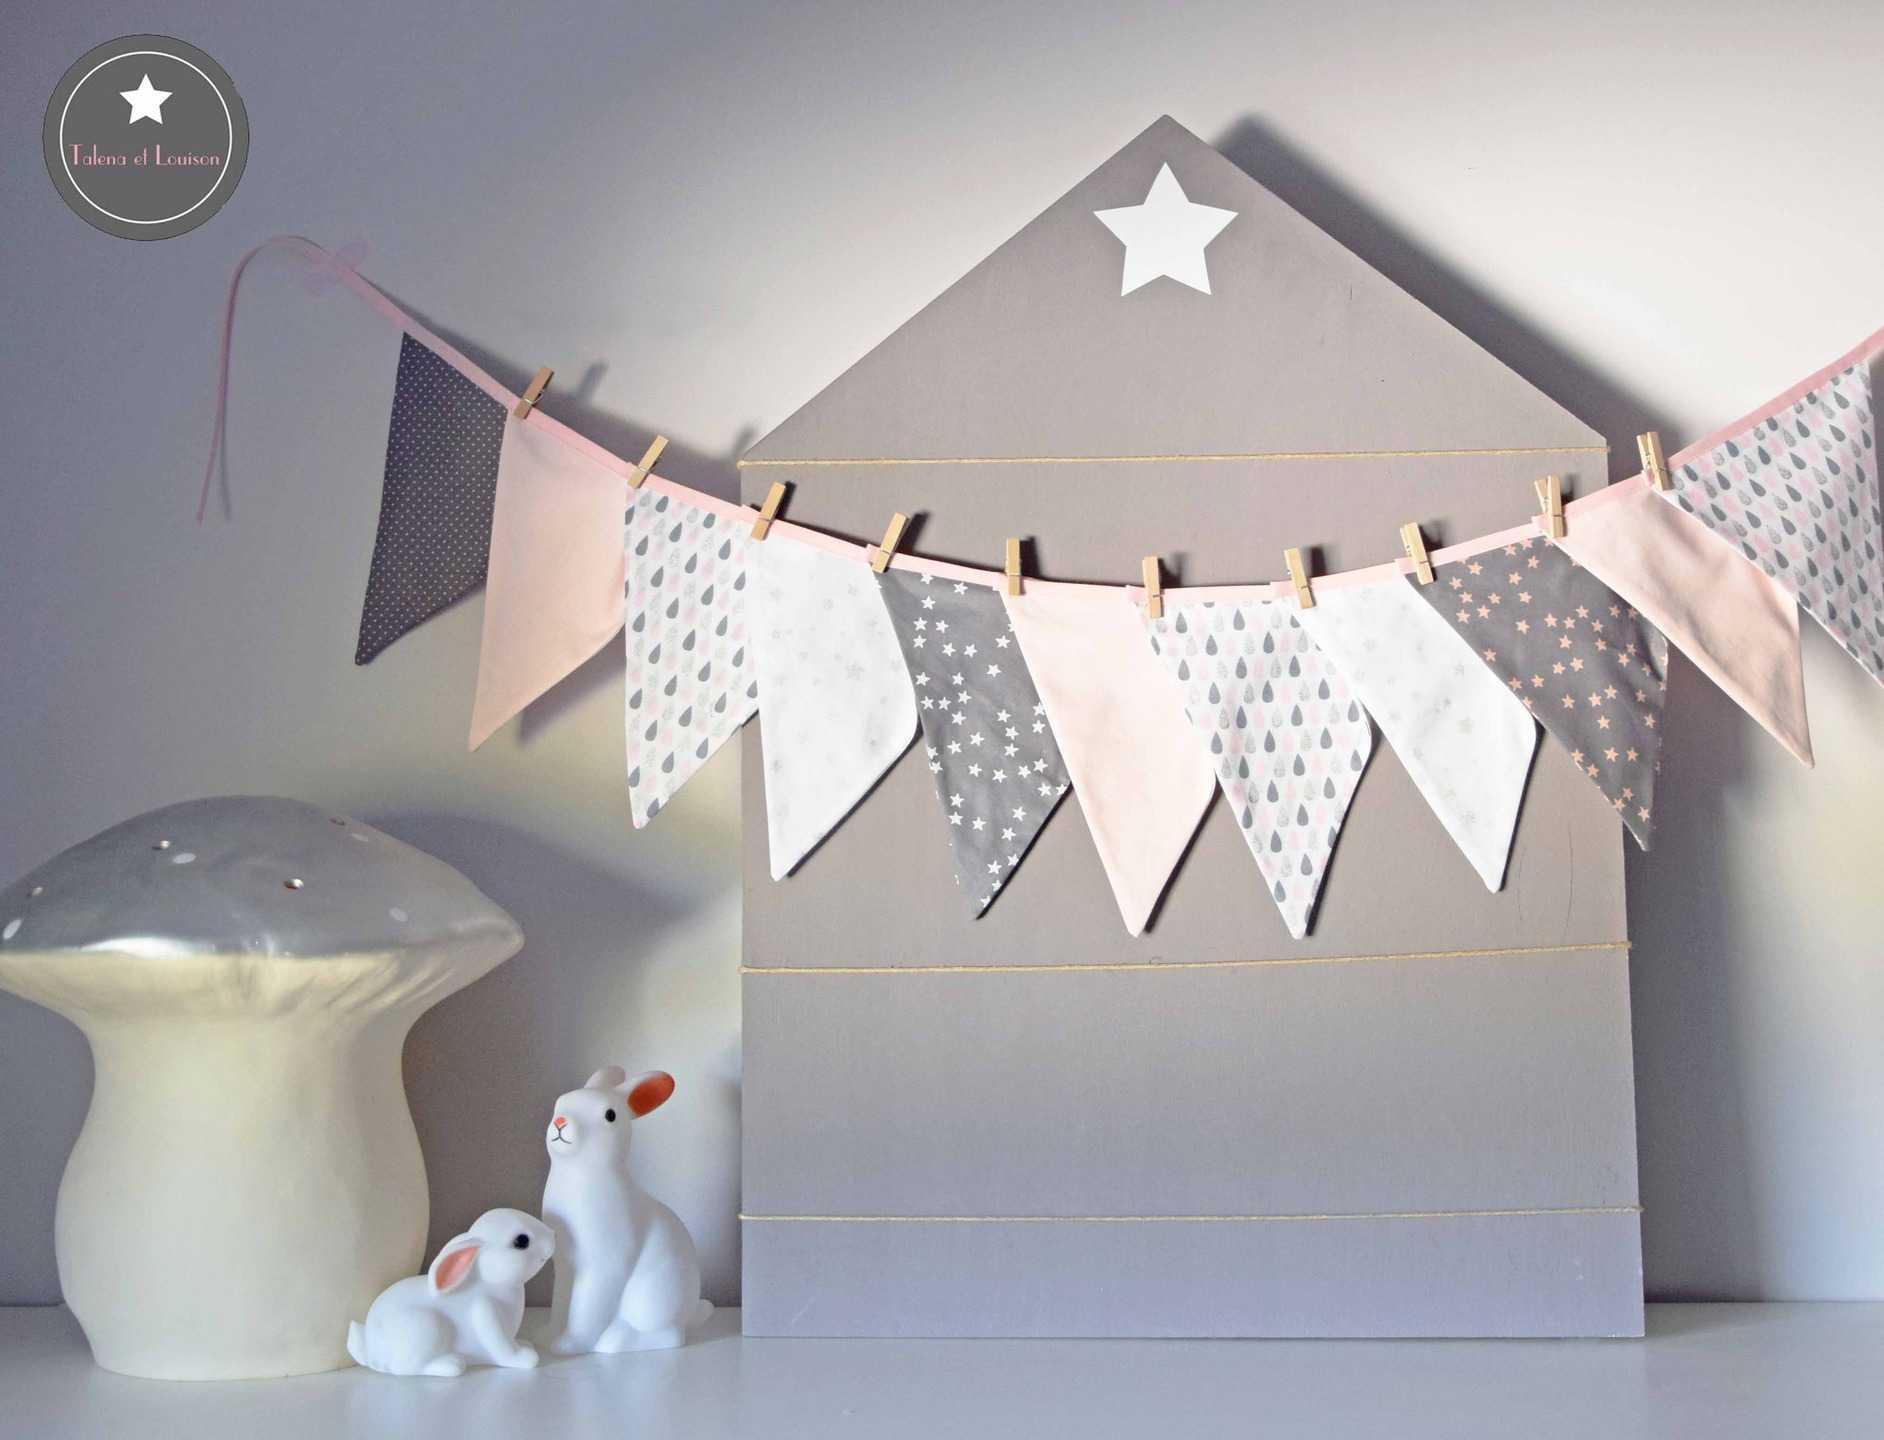 Fanion chambre bébé garcon - Idées de tricot gratuit